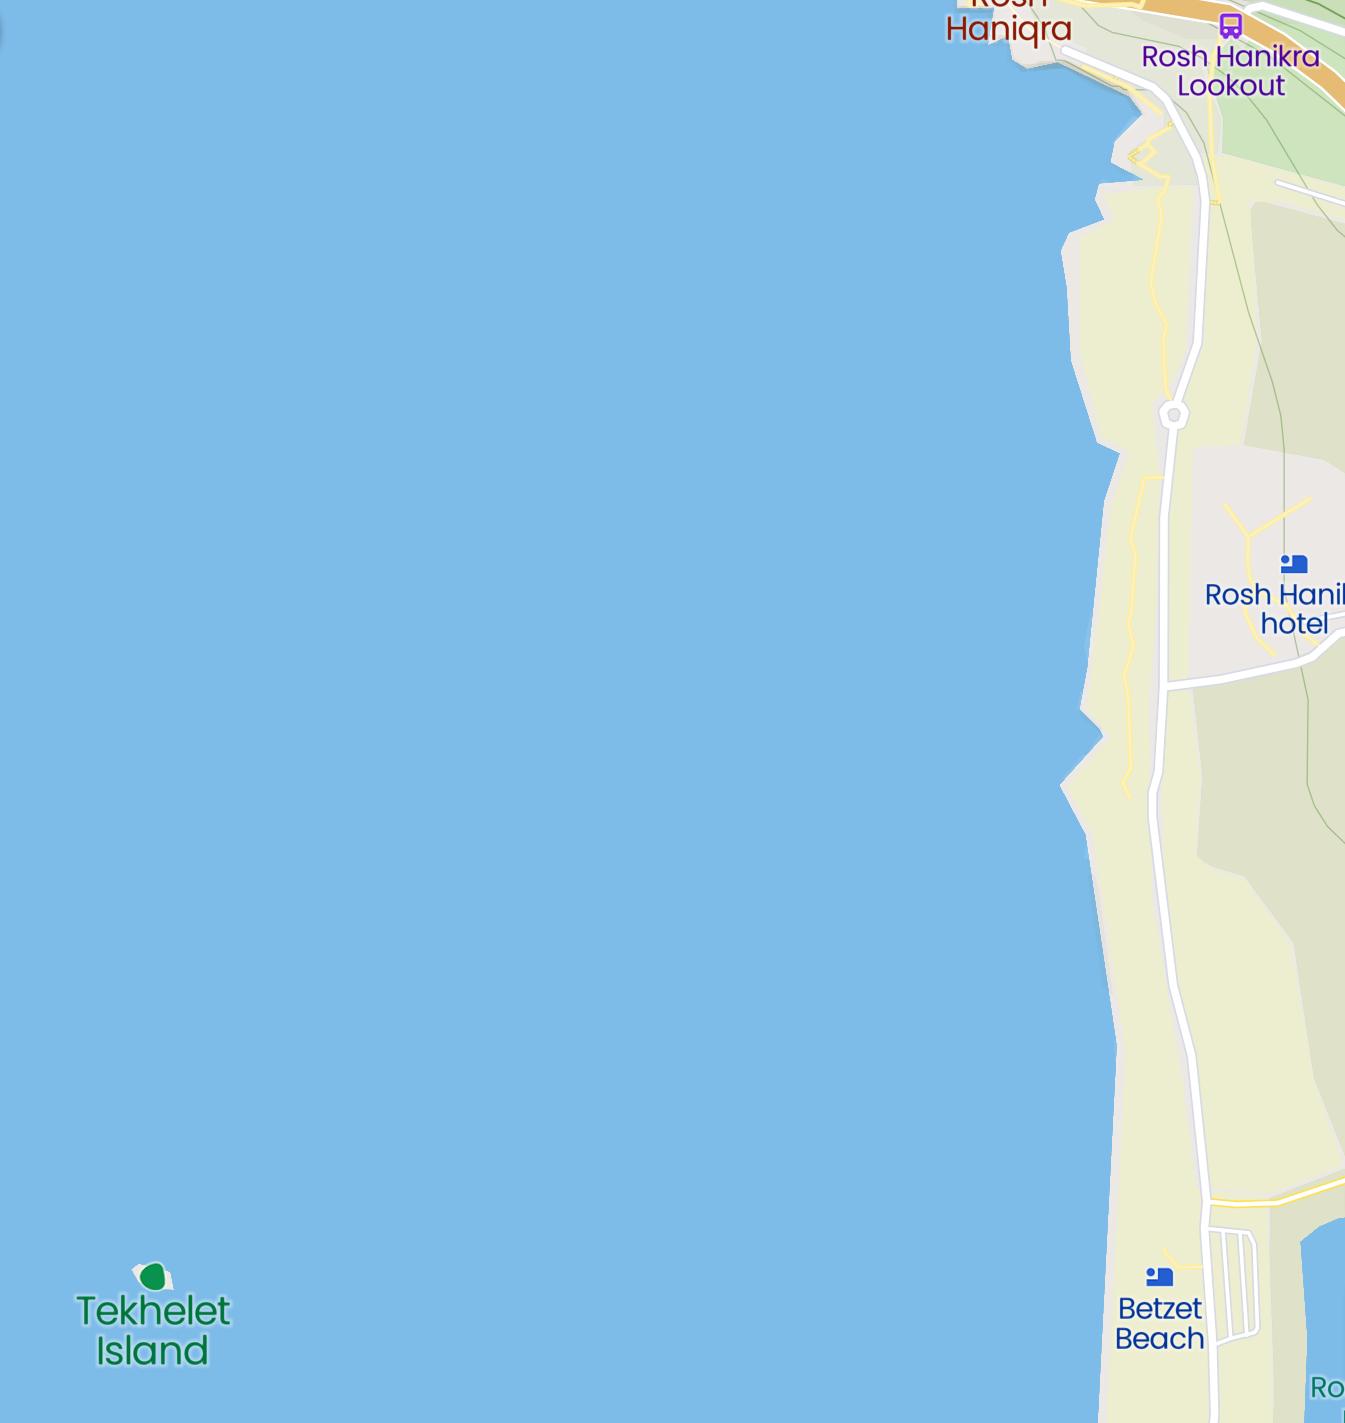 صورة توضّح موقع جزيرة تخيليت